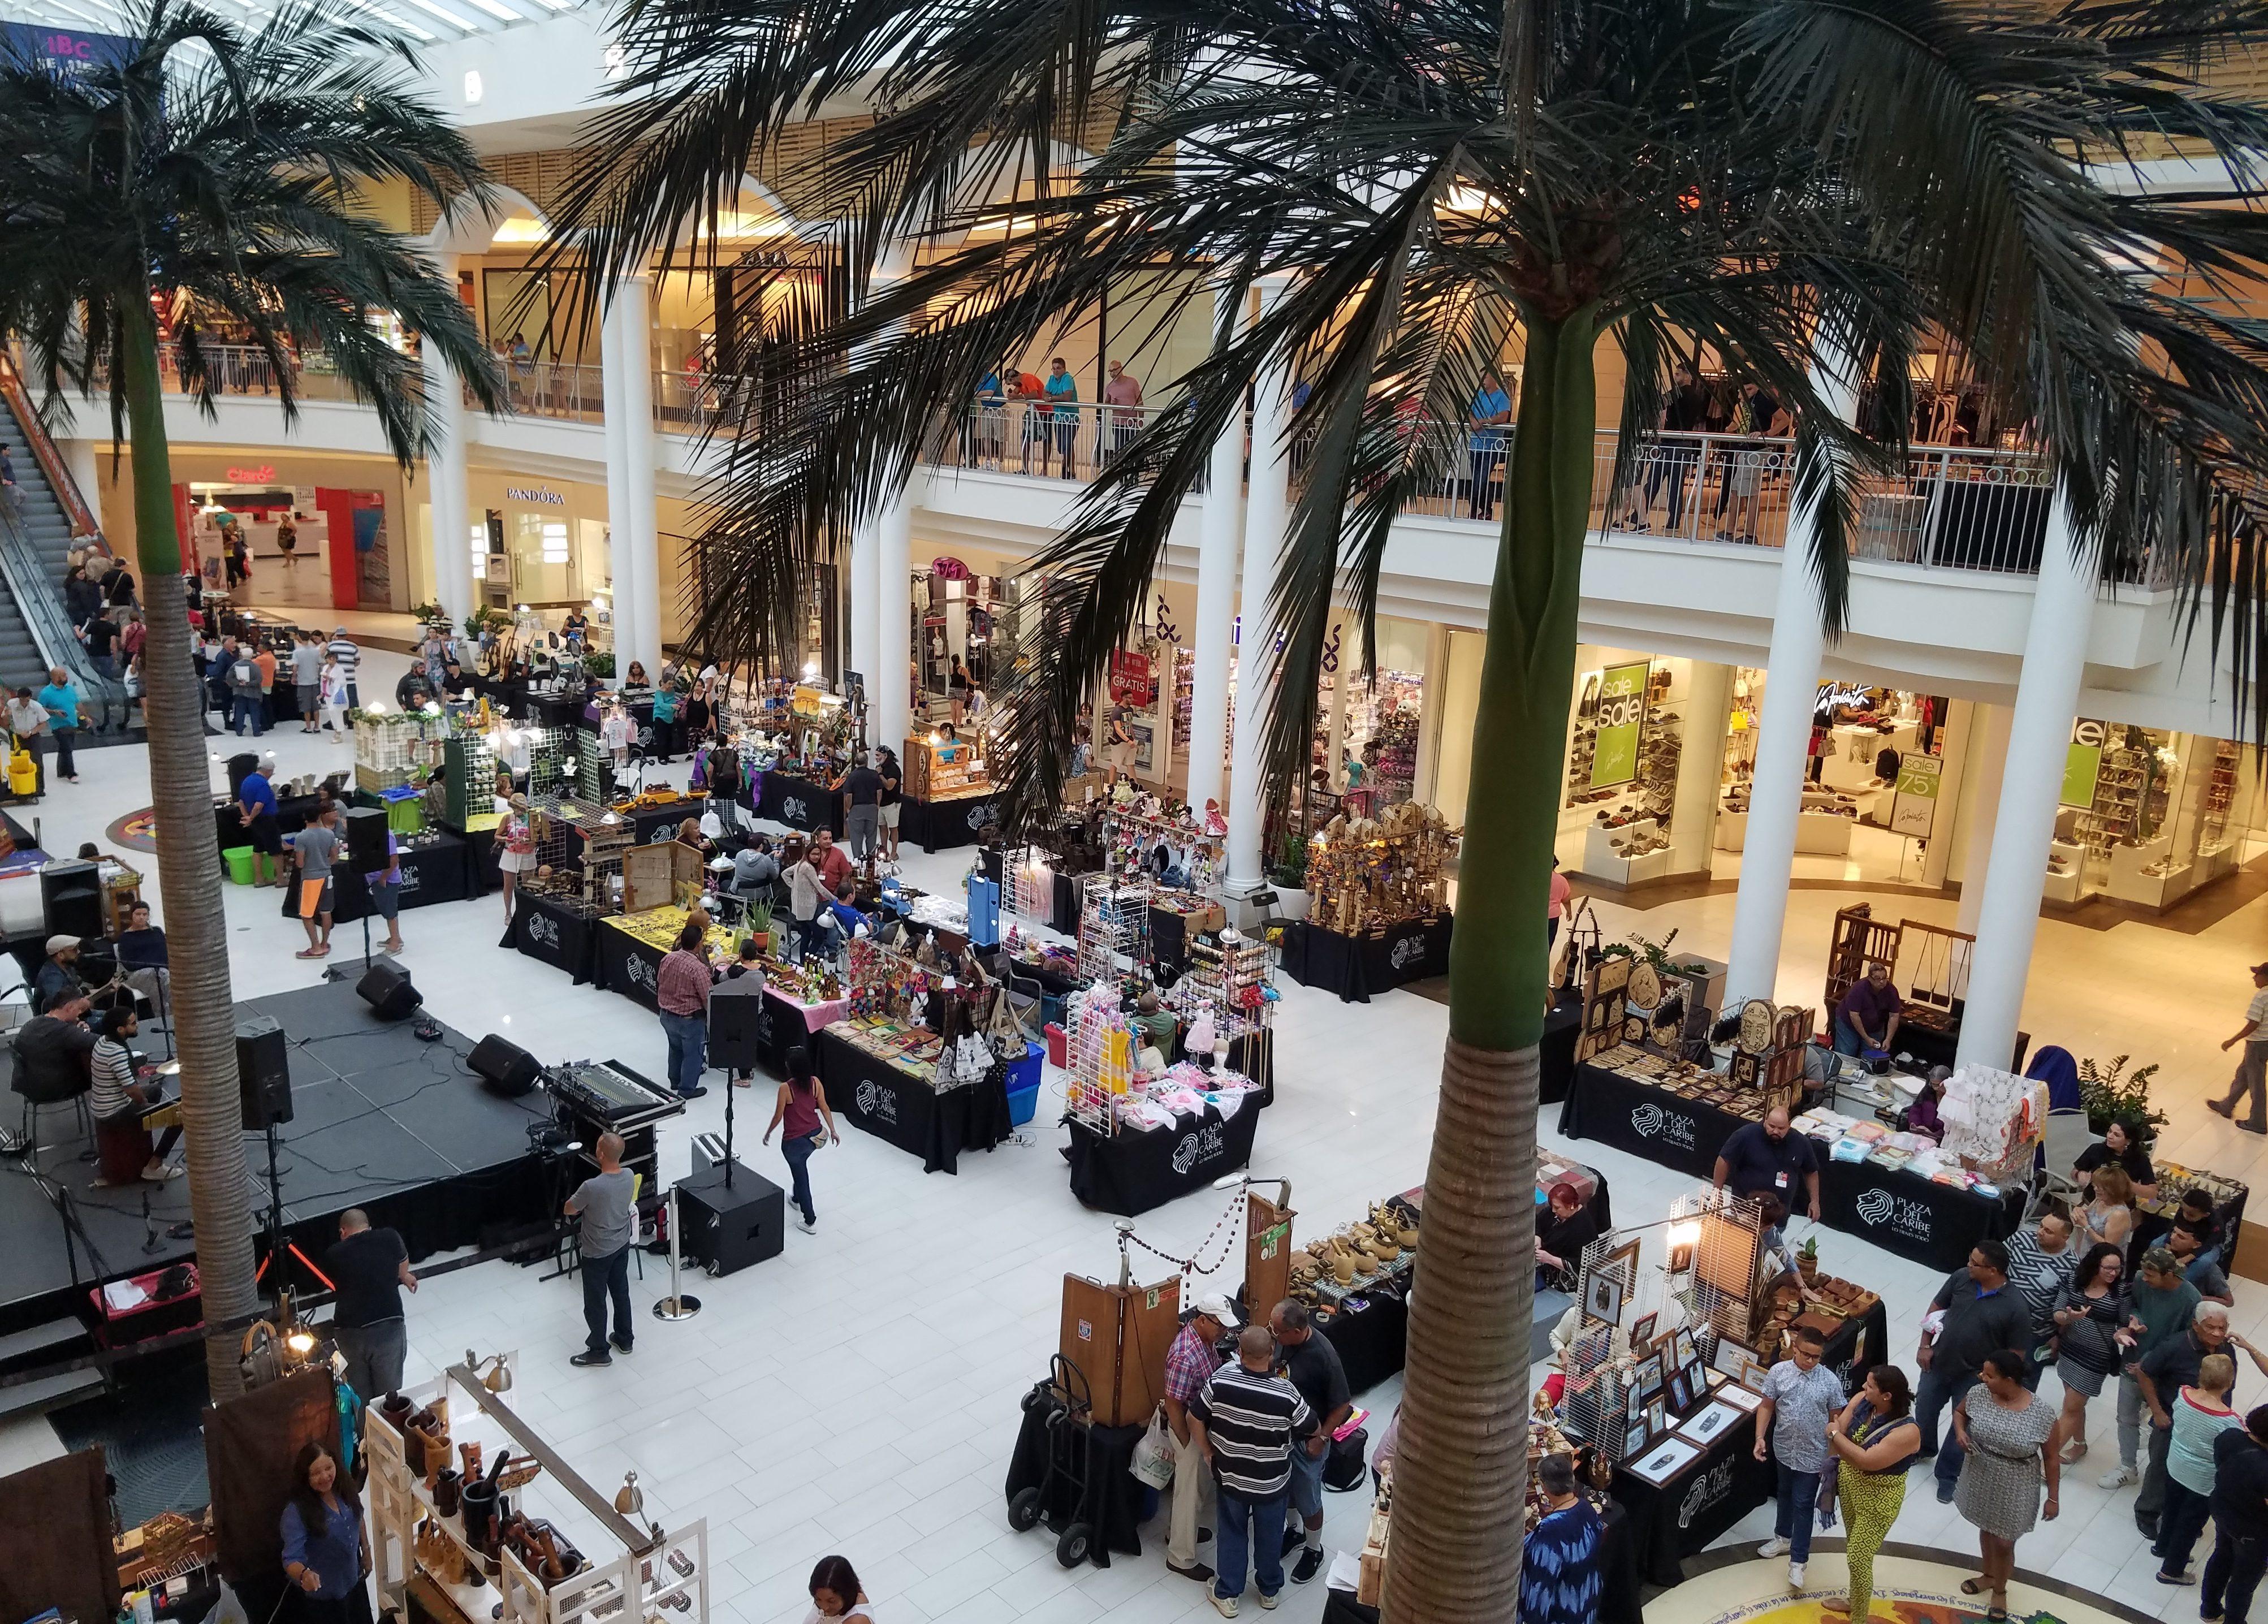 Actividad en el interior de Plaza del Caribe en Ponce.